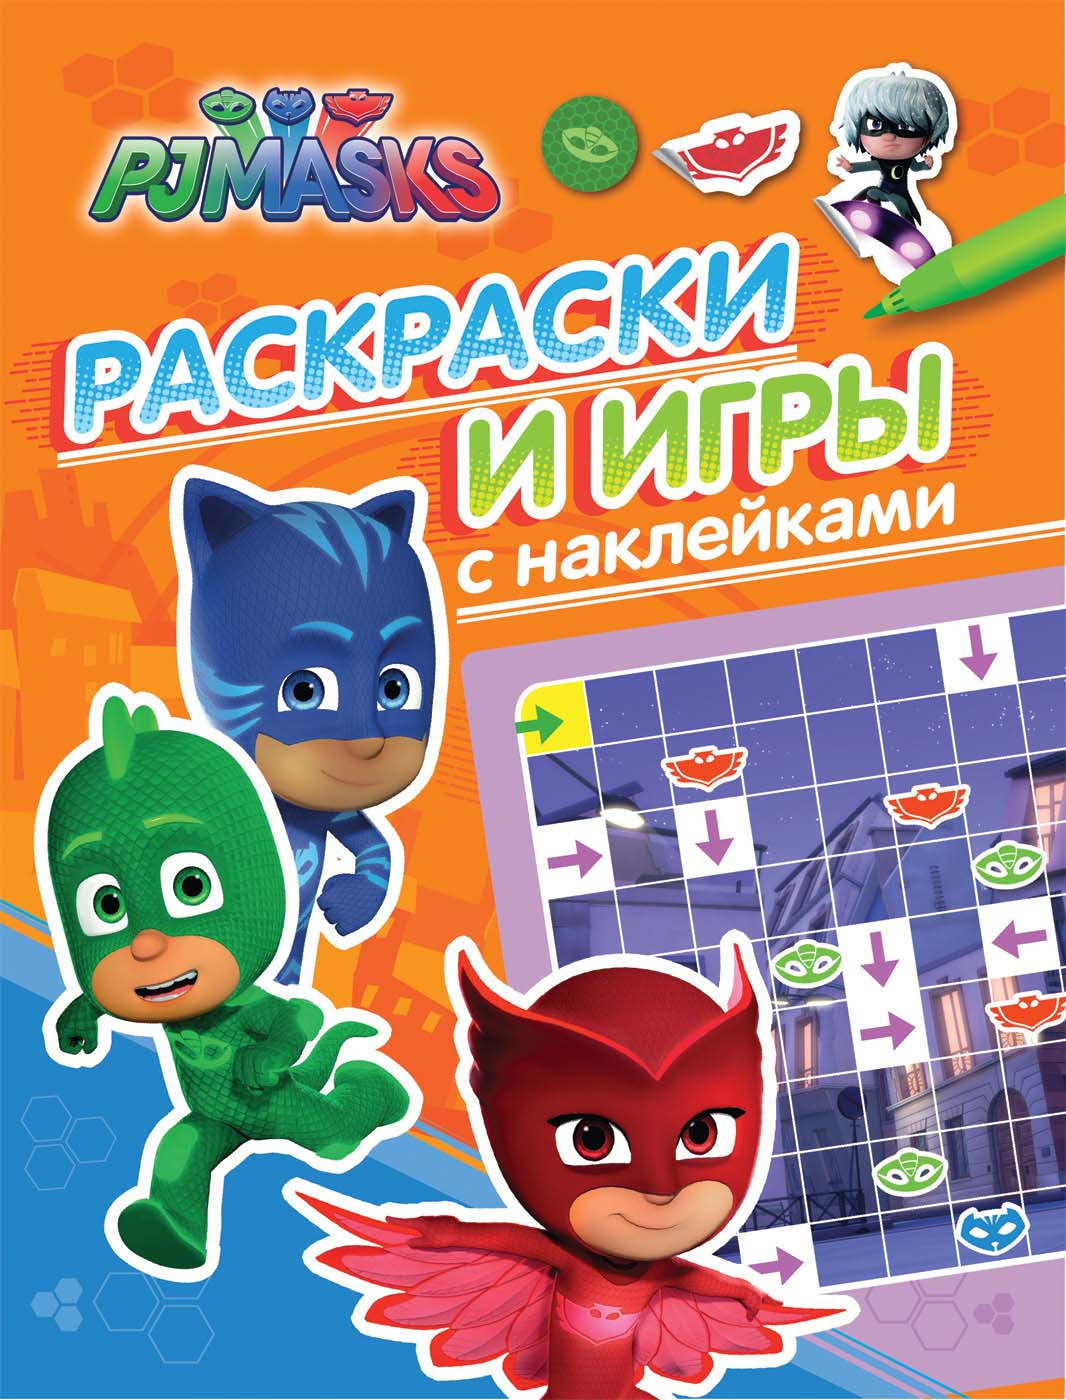 Раскраски и игры с наклейками - Герои в масках, оранжеваяРазвивающие наклейки<br>Раскраски и игры с наклейками - Герои в масках, оранжевая<br>